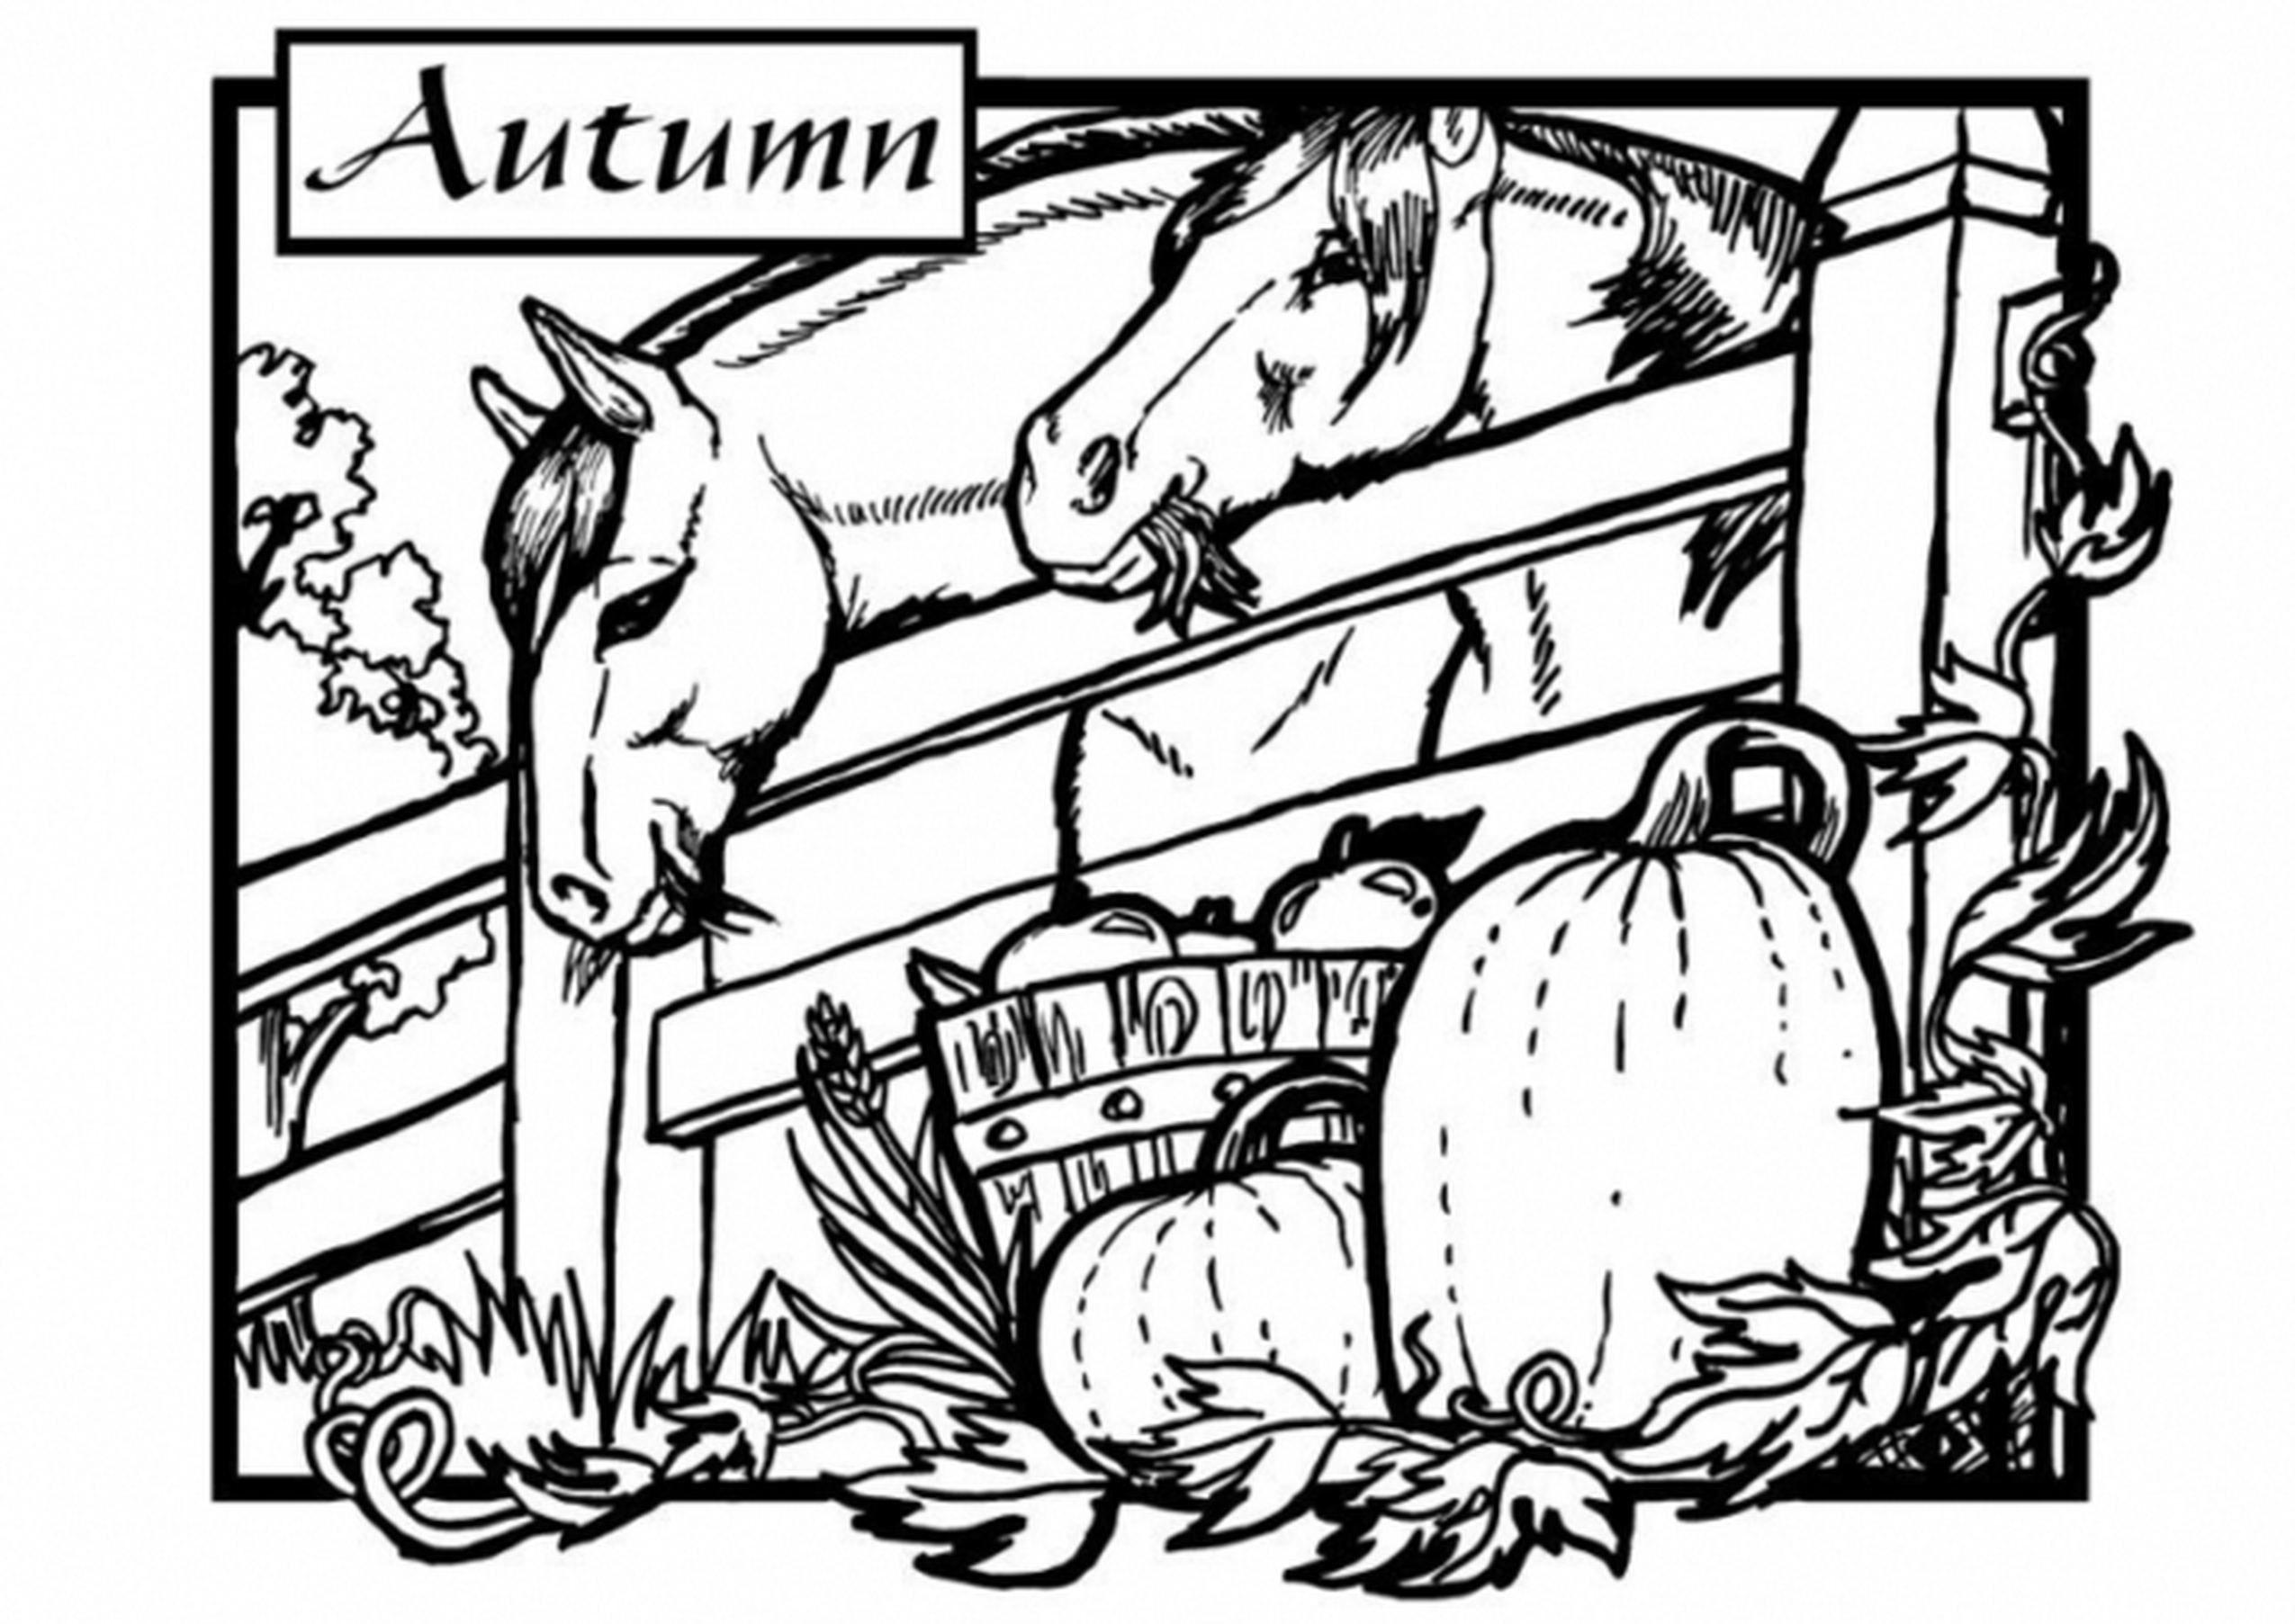 Fallen Malvorlagen Pferd Malvorlagen Malvorlagen Malvorlagen Für Erwachsene Erwachsenen Färbung Kinder line Bild Zeichnungen Holz